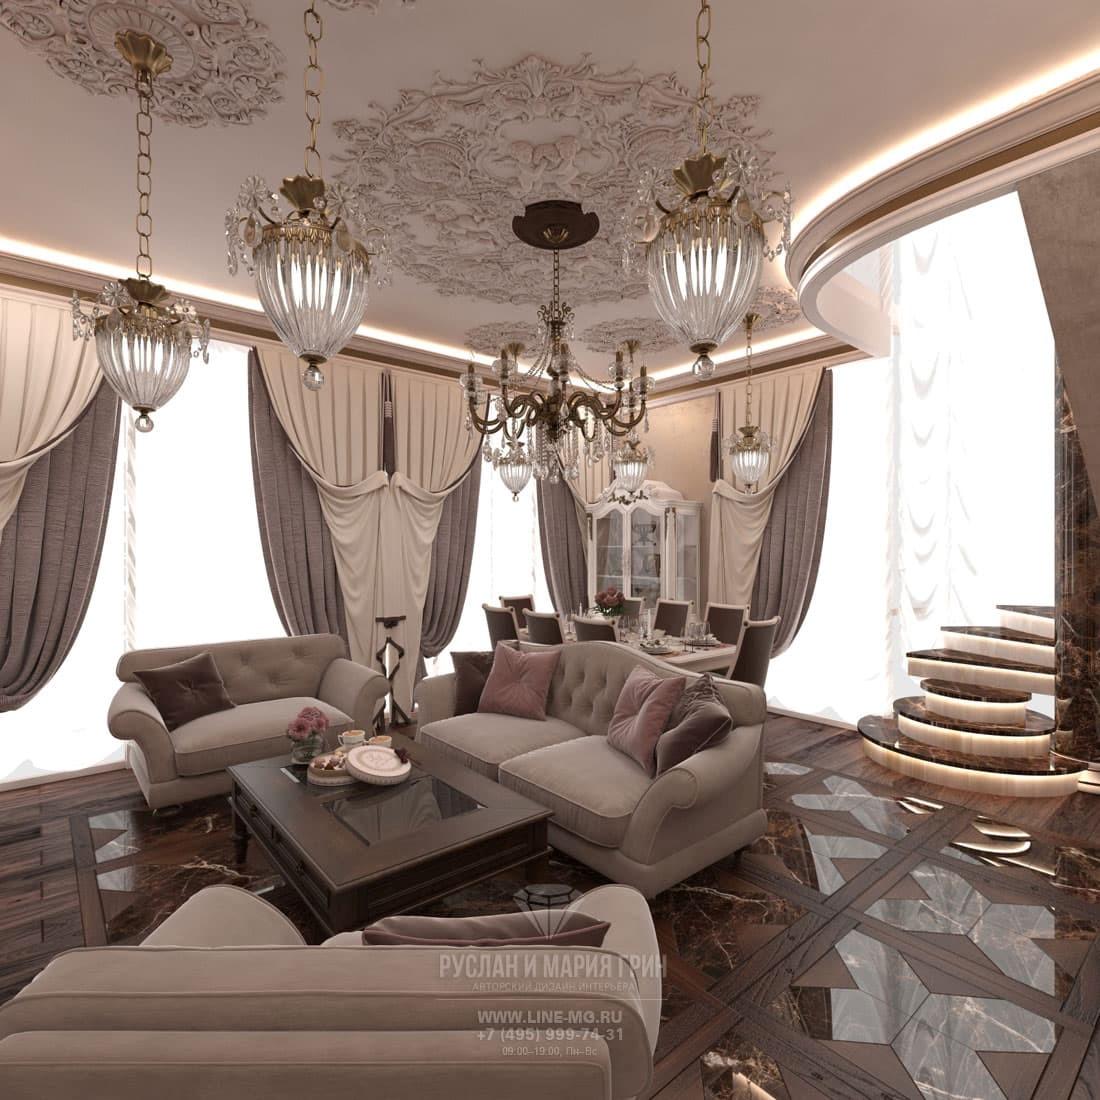 Дизайн классической гостиной в бежевых тонах в двухуровневой квартире